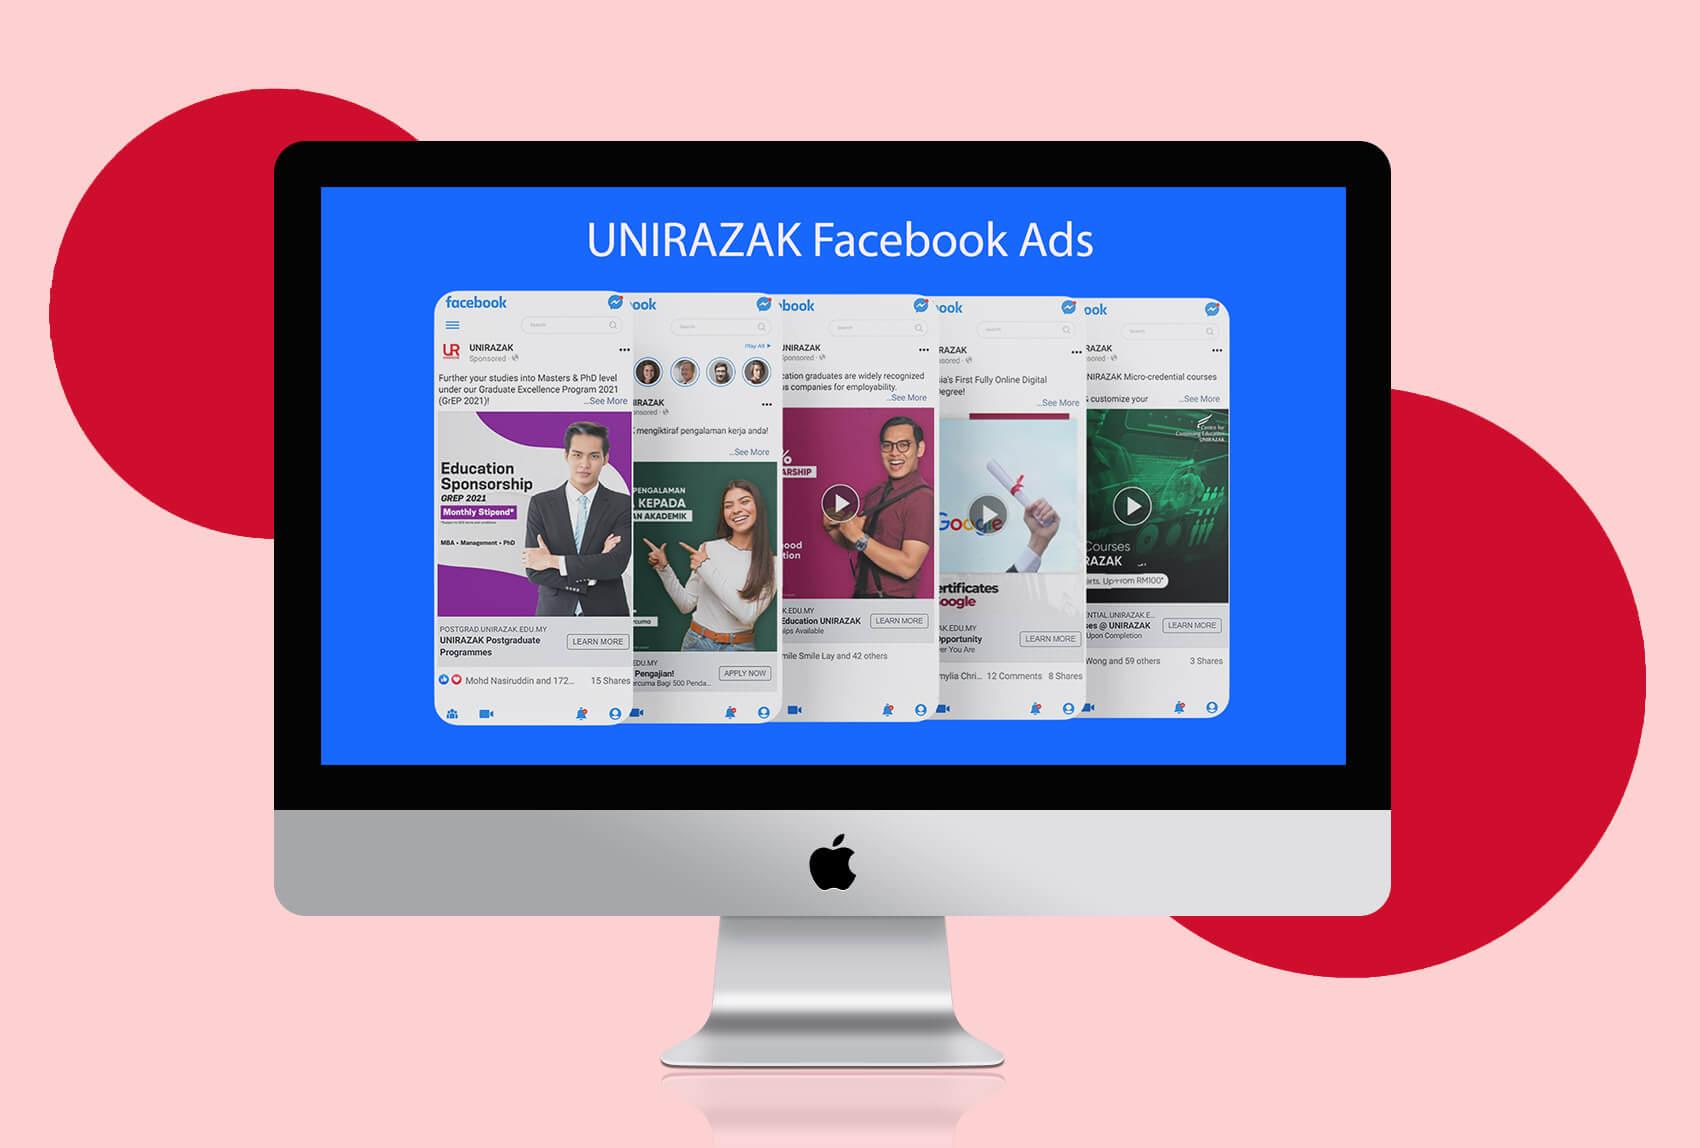 unirazak-facebook-ads-2